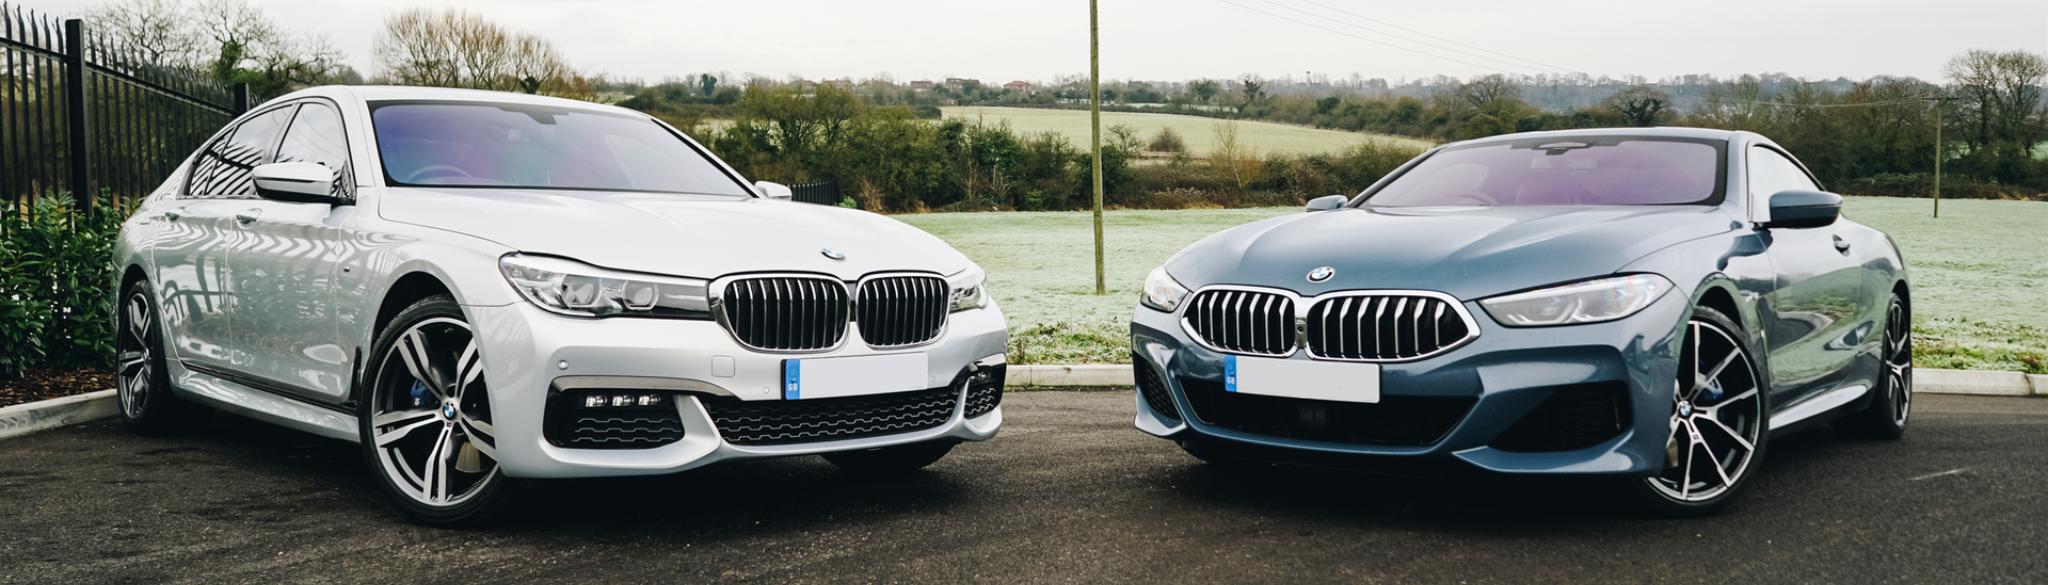 BMW GKL Header